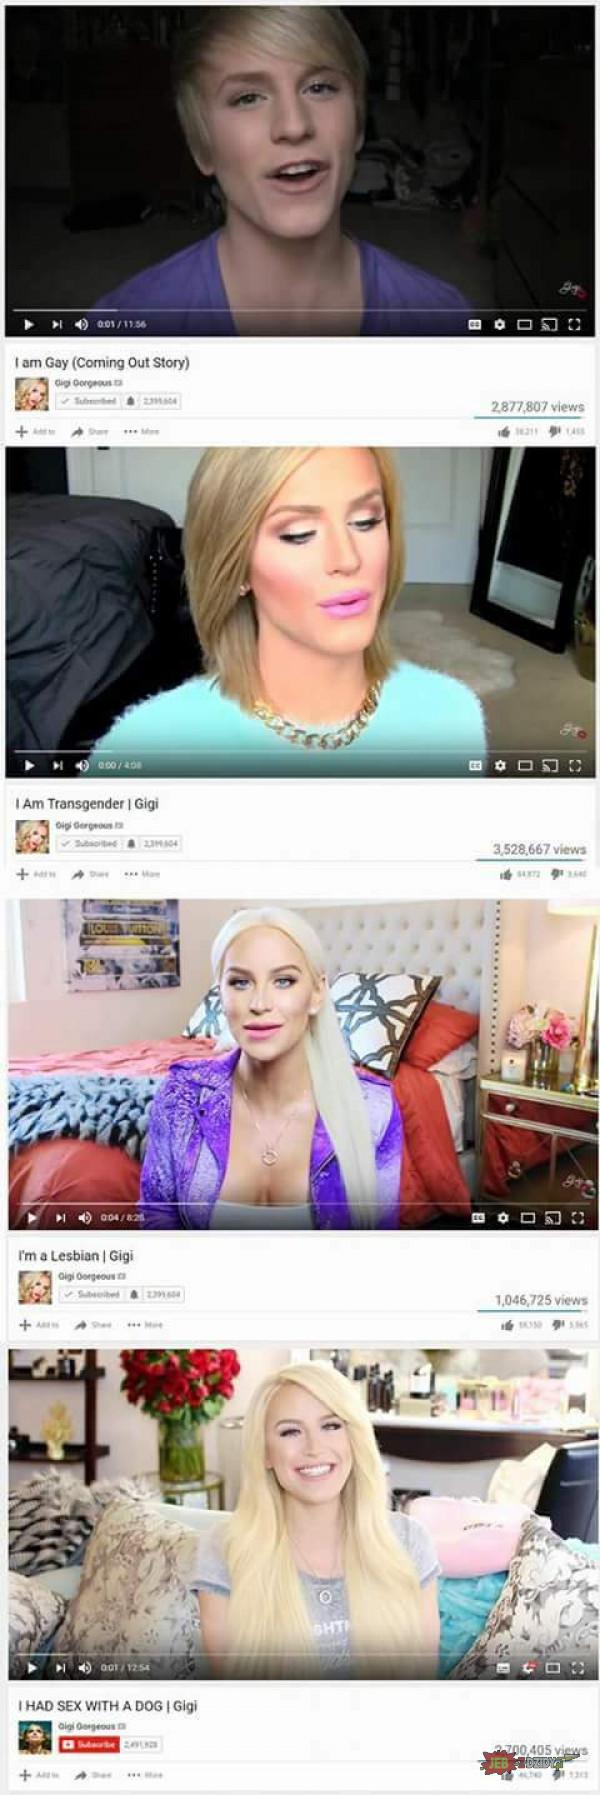 identyczne bliźniaki gejowskie porno